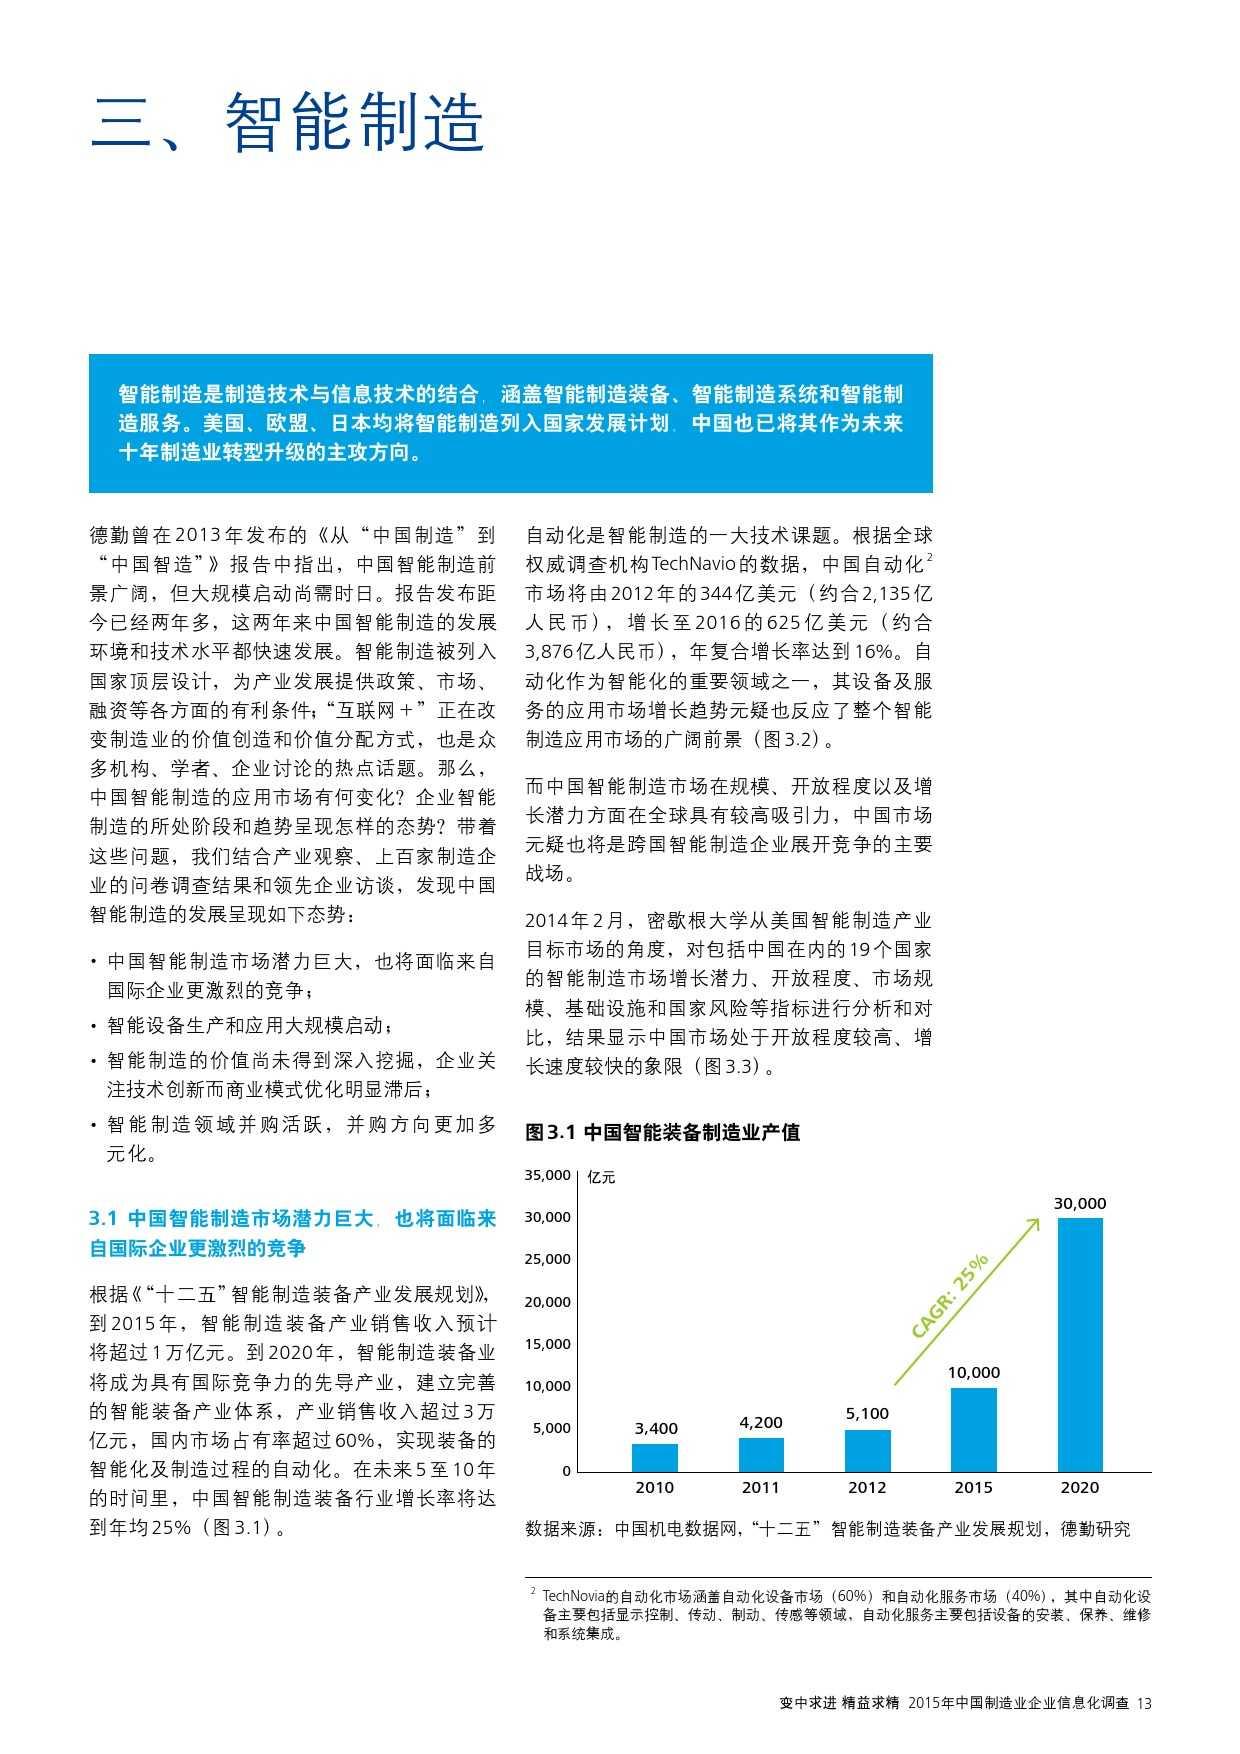 2015年中国制造业企业信息化调查_000015